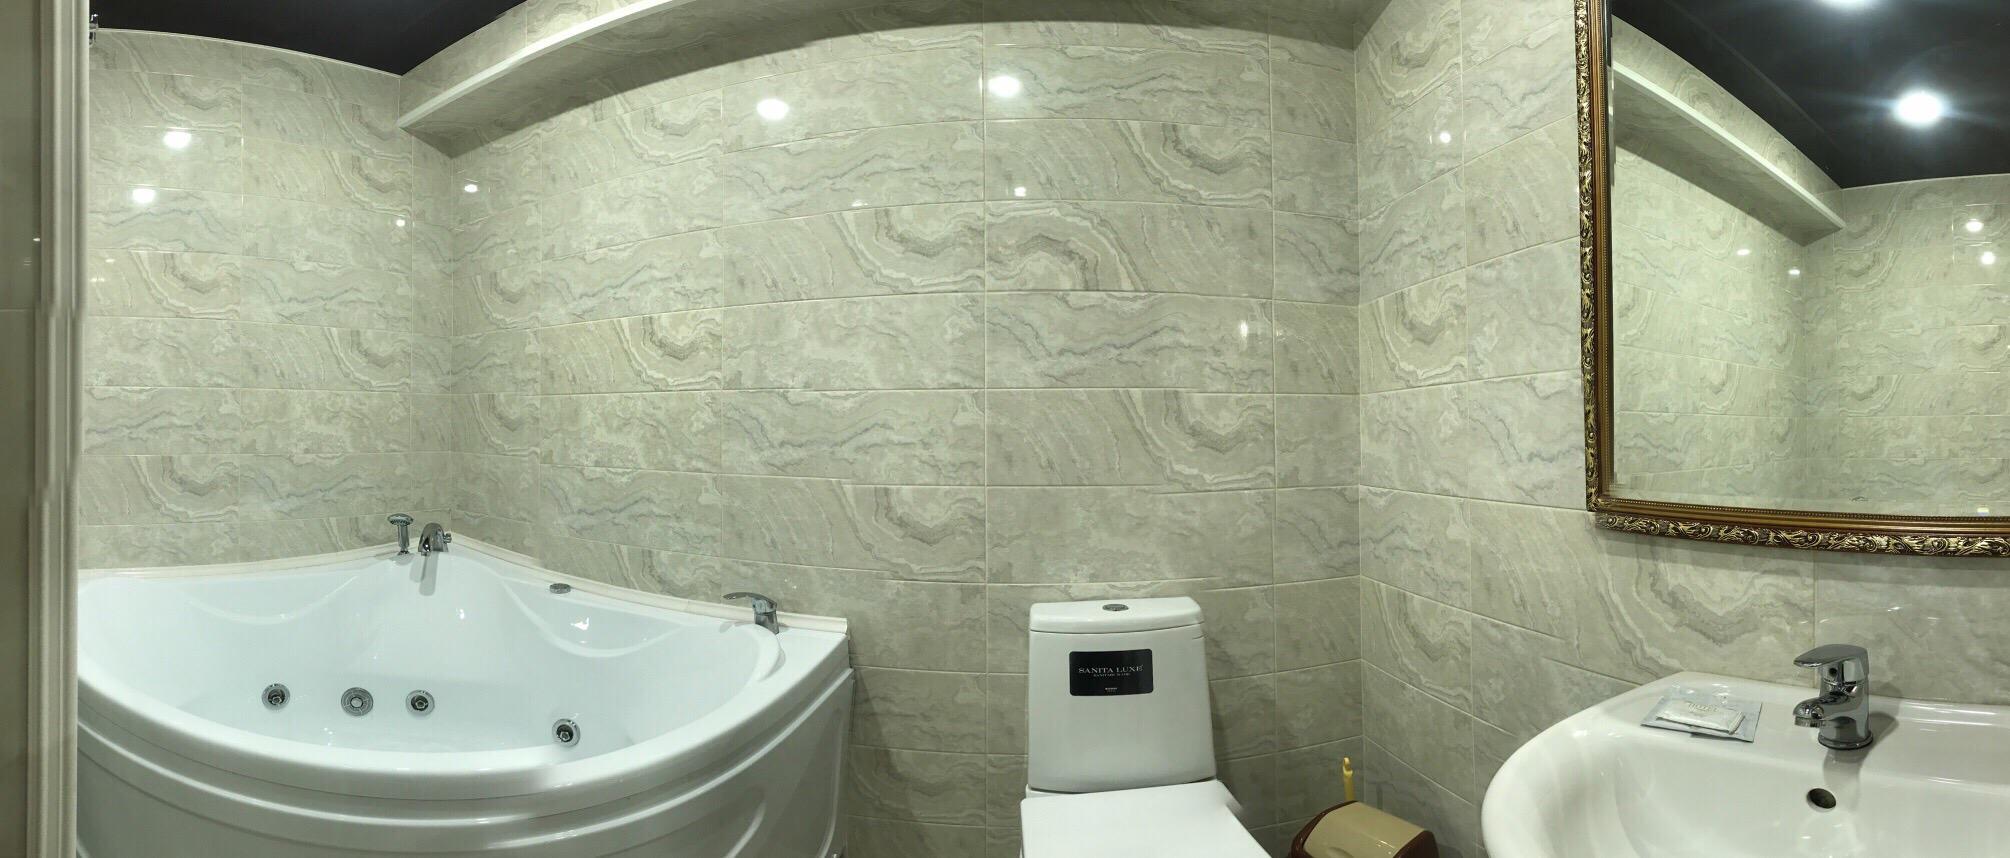 Двухкомнатные апартаменты, Ванная комната с джакузи